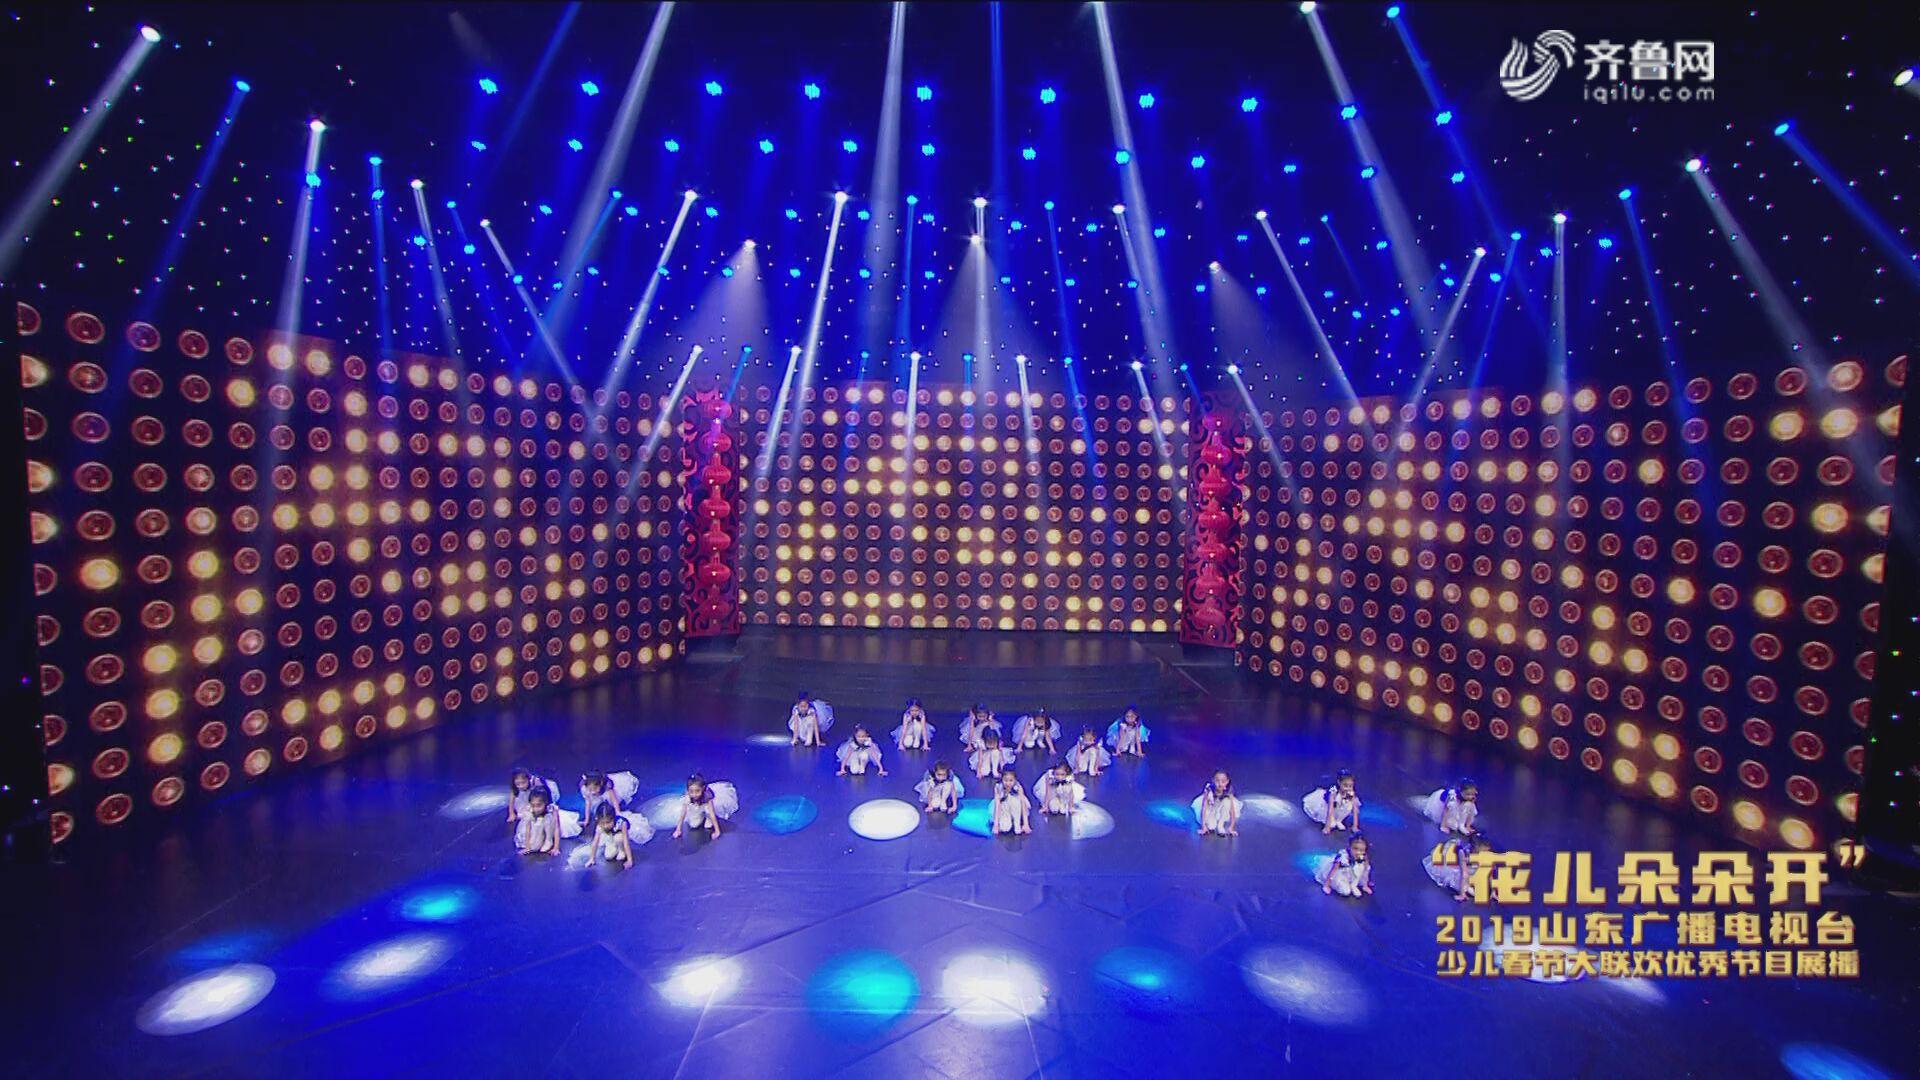 群舞《中国舞串烧》——2019山东广播电视台少儿春节大联欢优秀节目展播